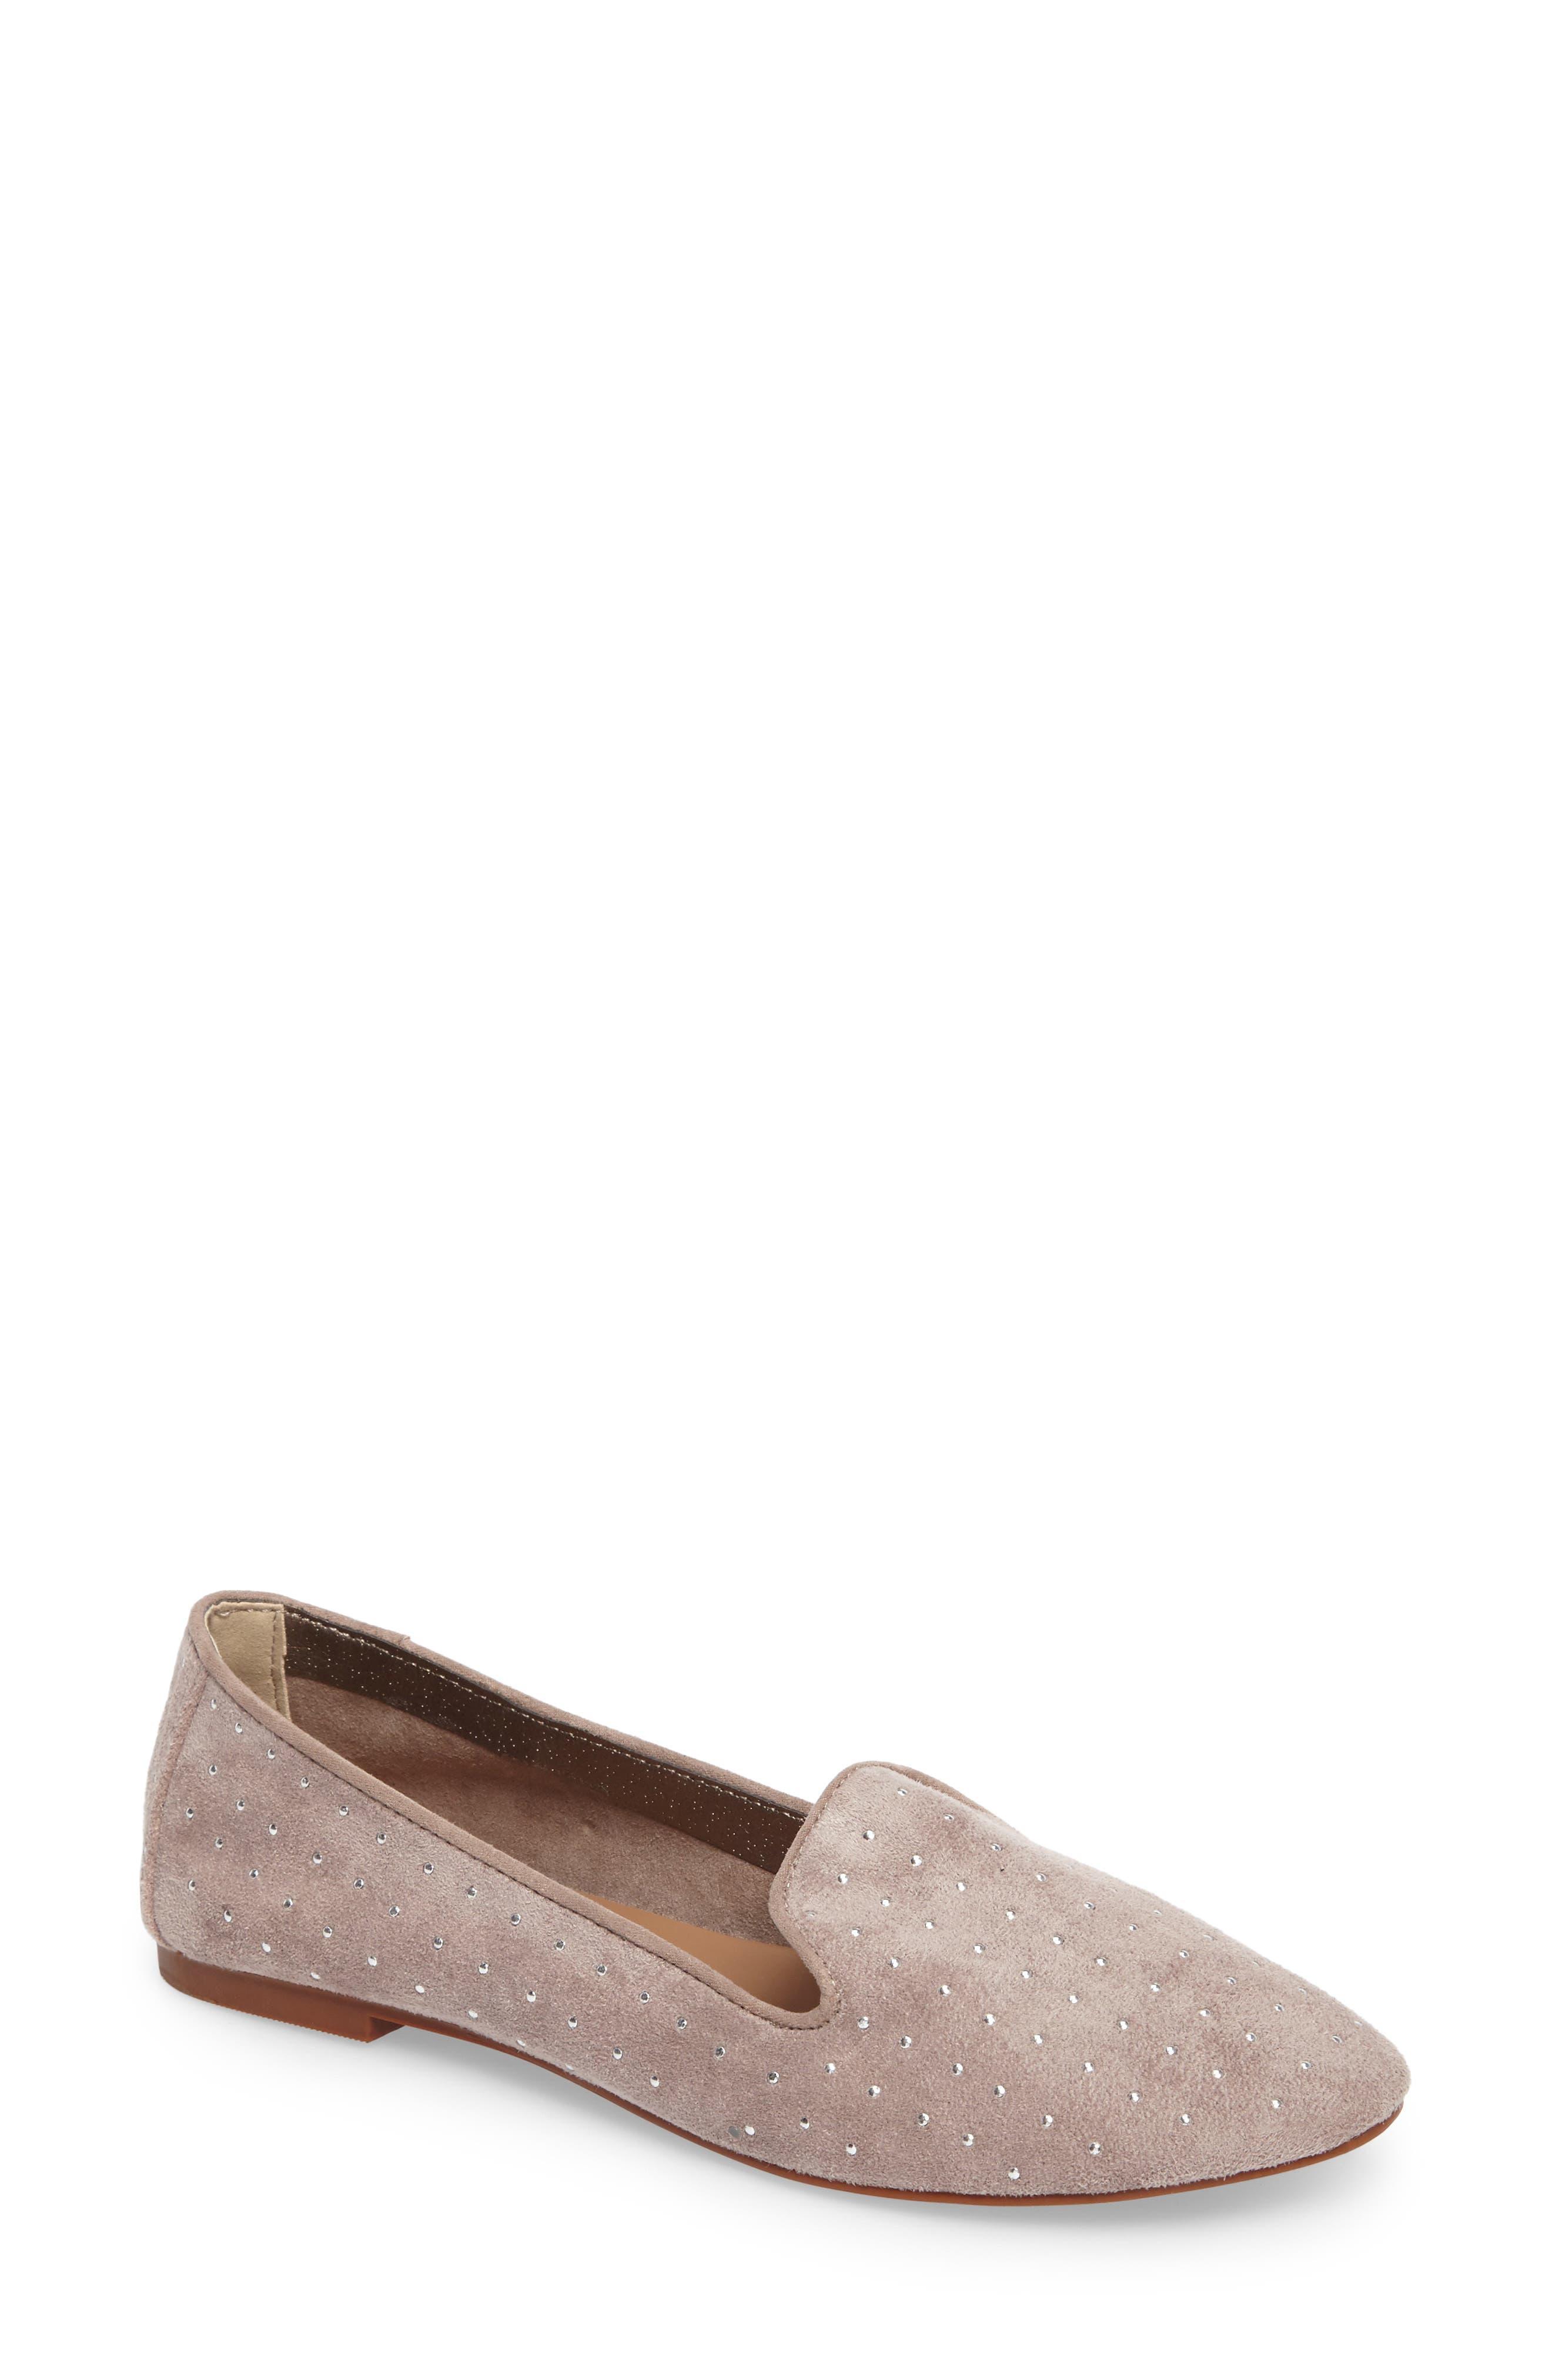 Alternate Image 1 Selected - Topshop Sophie Studded Slip-On Loafers